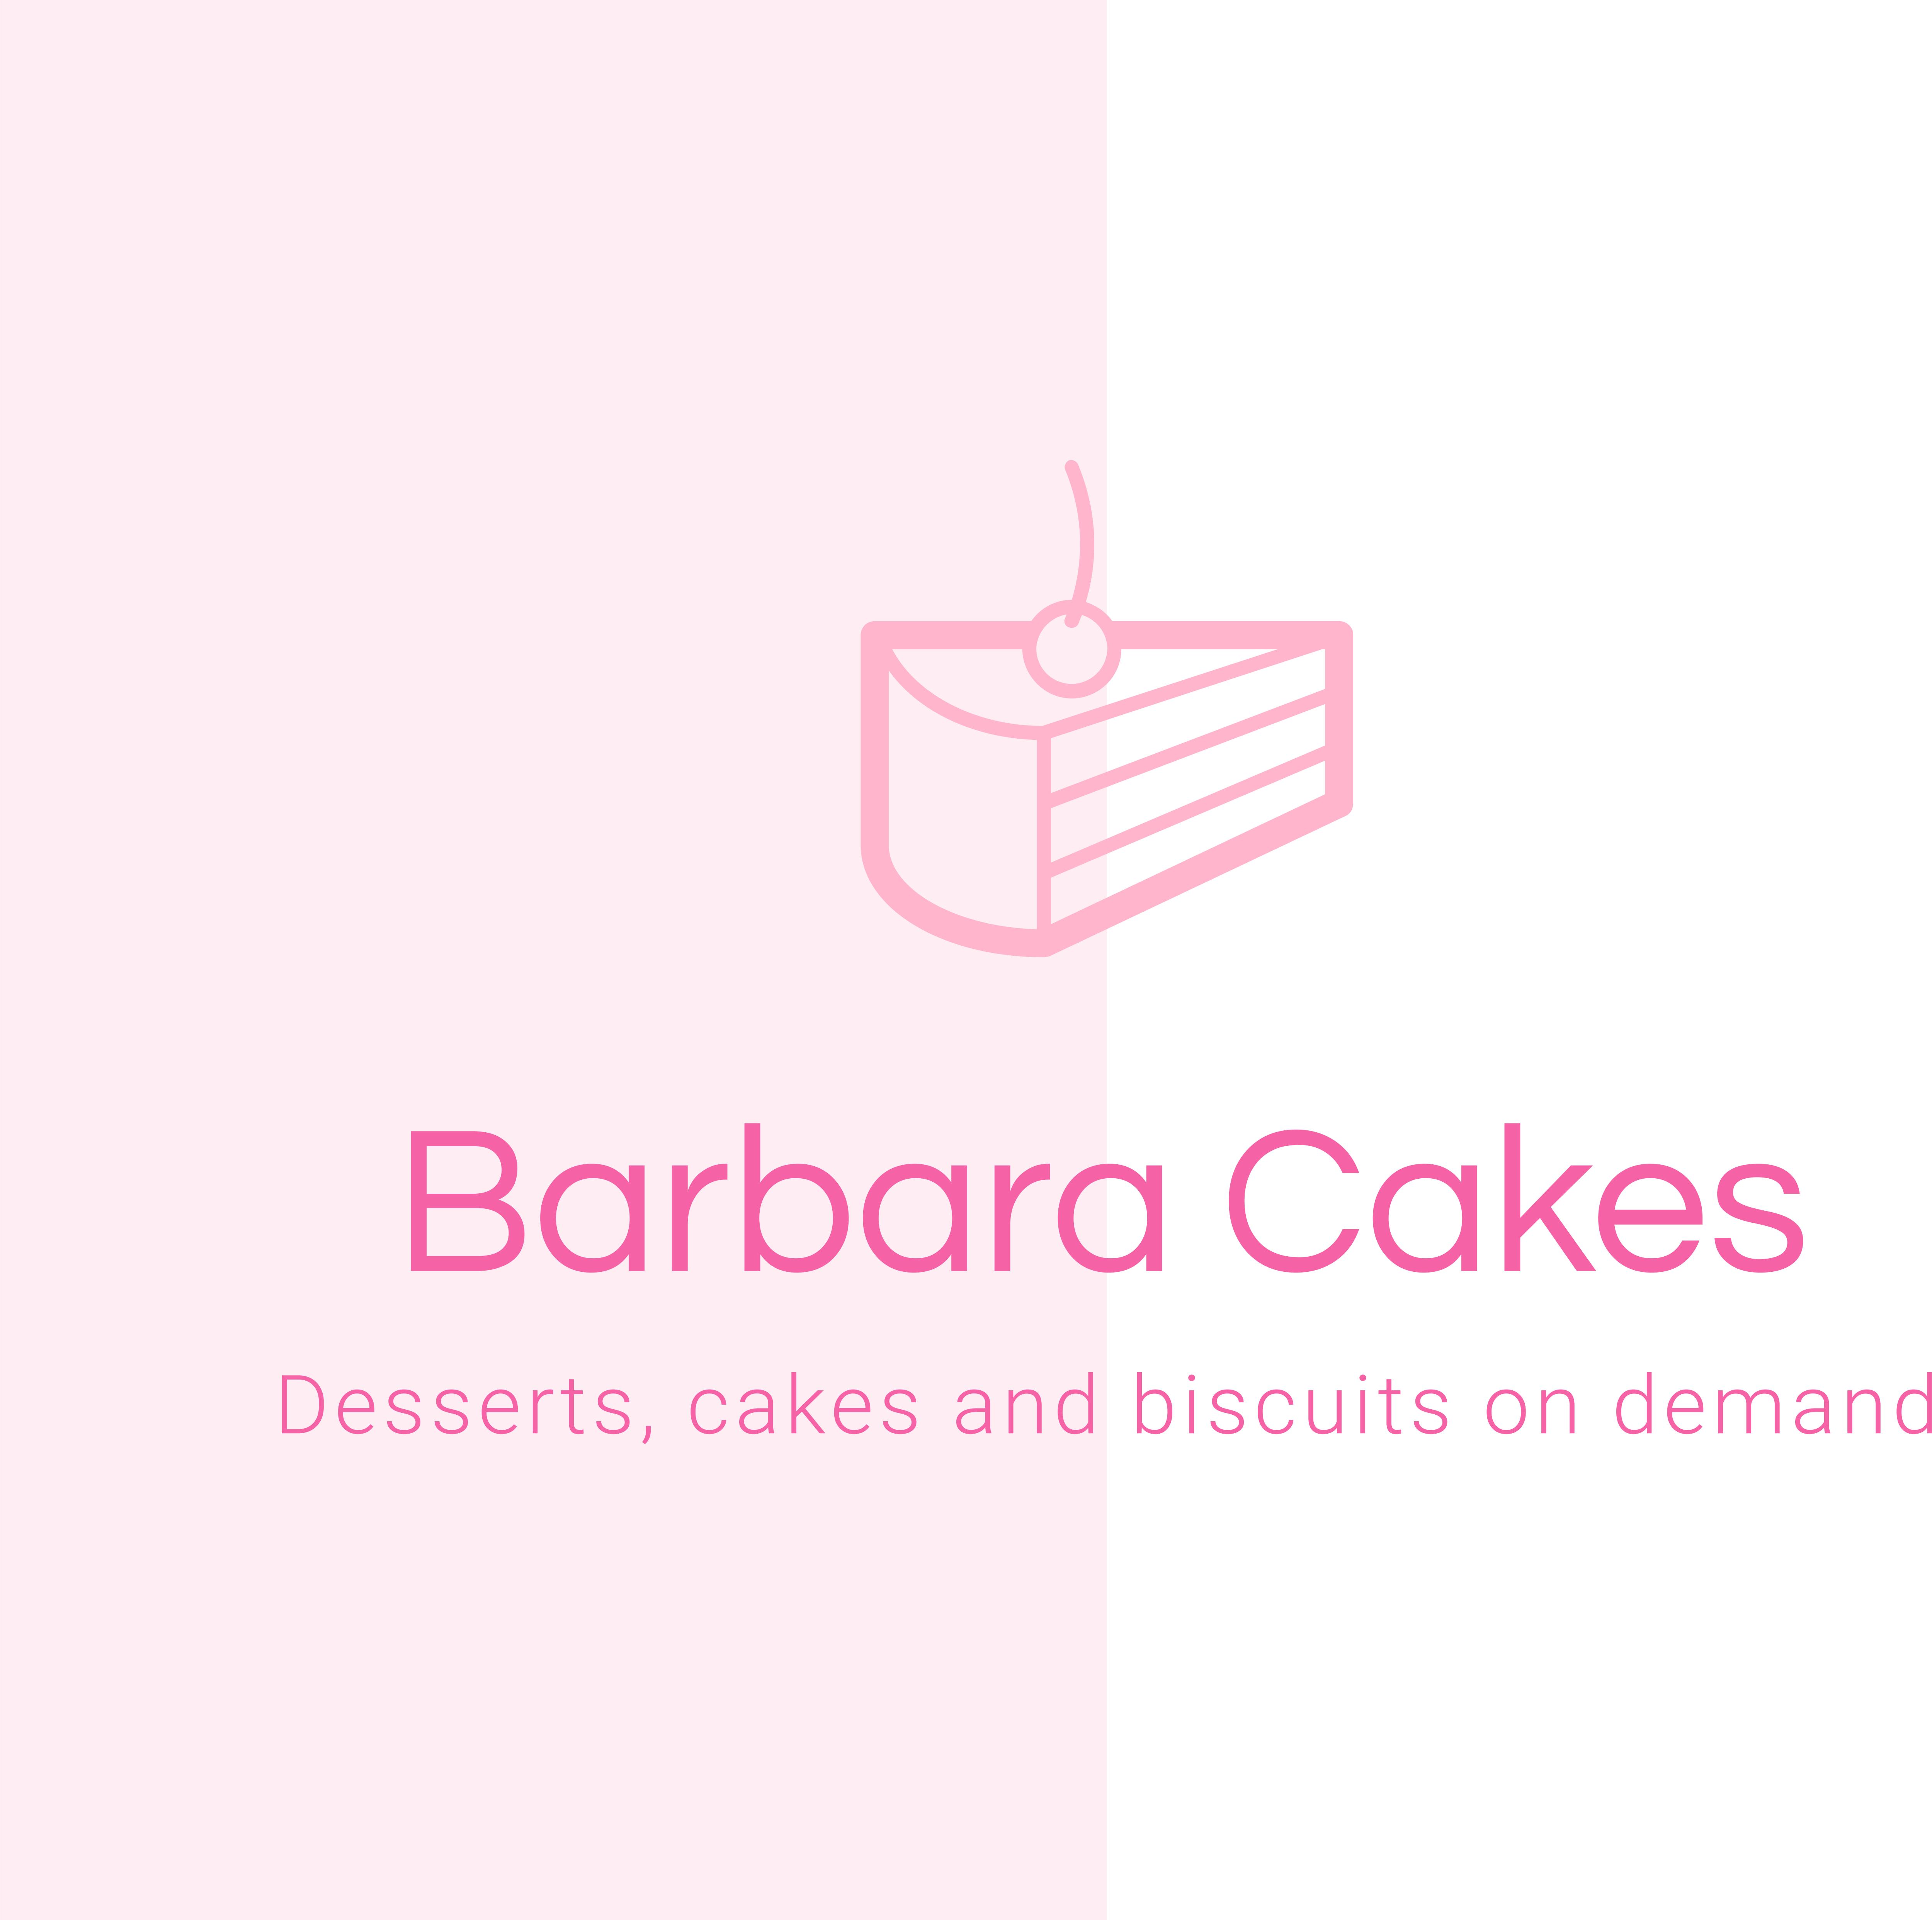 Barbaracakes.com